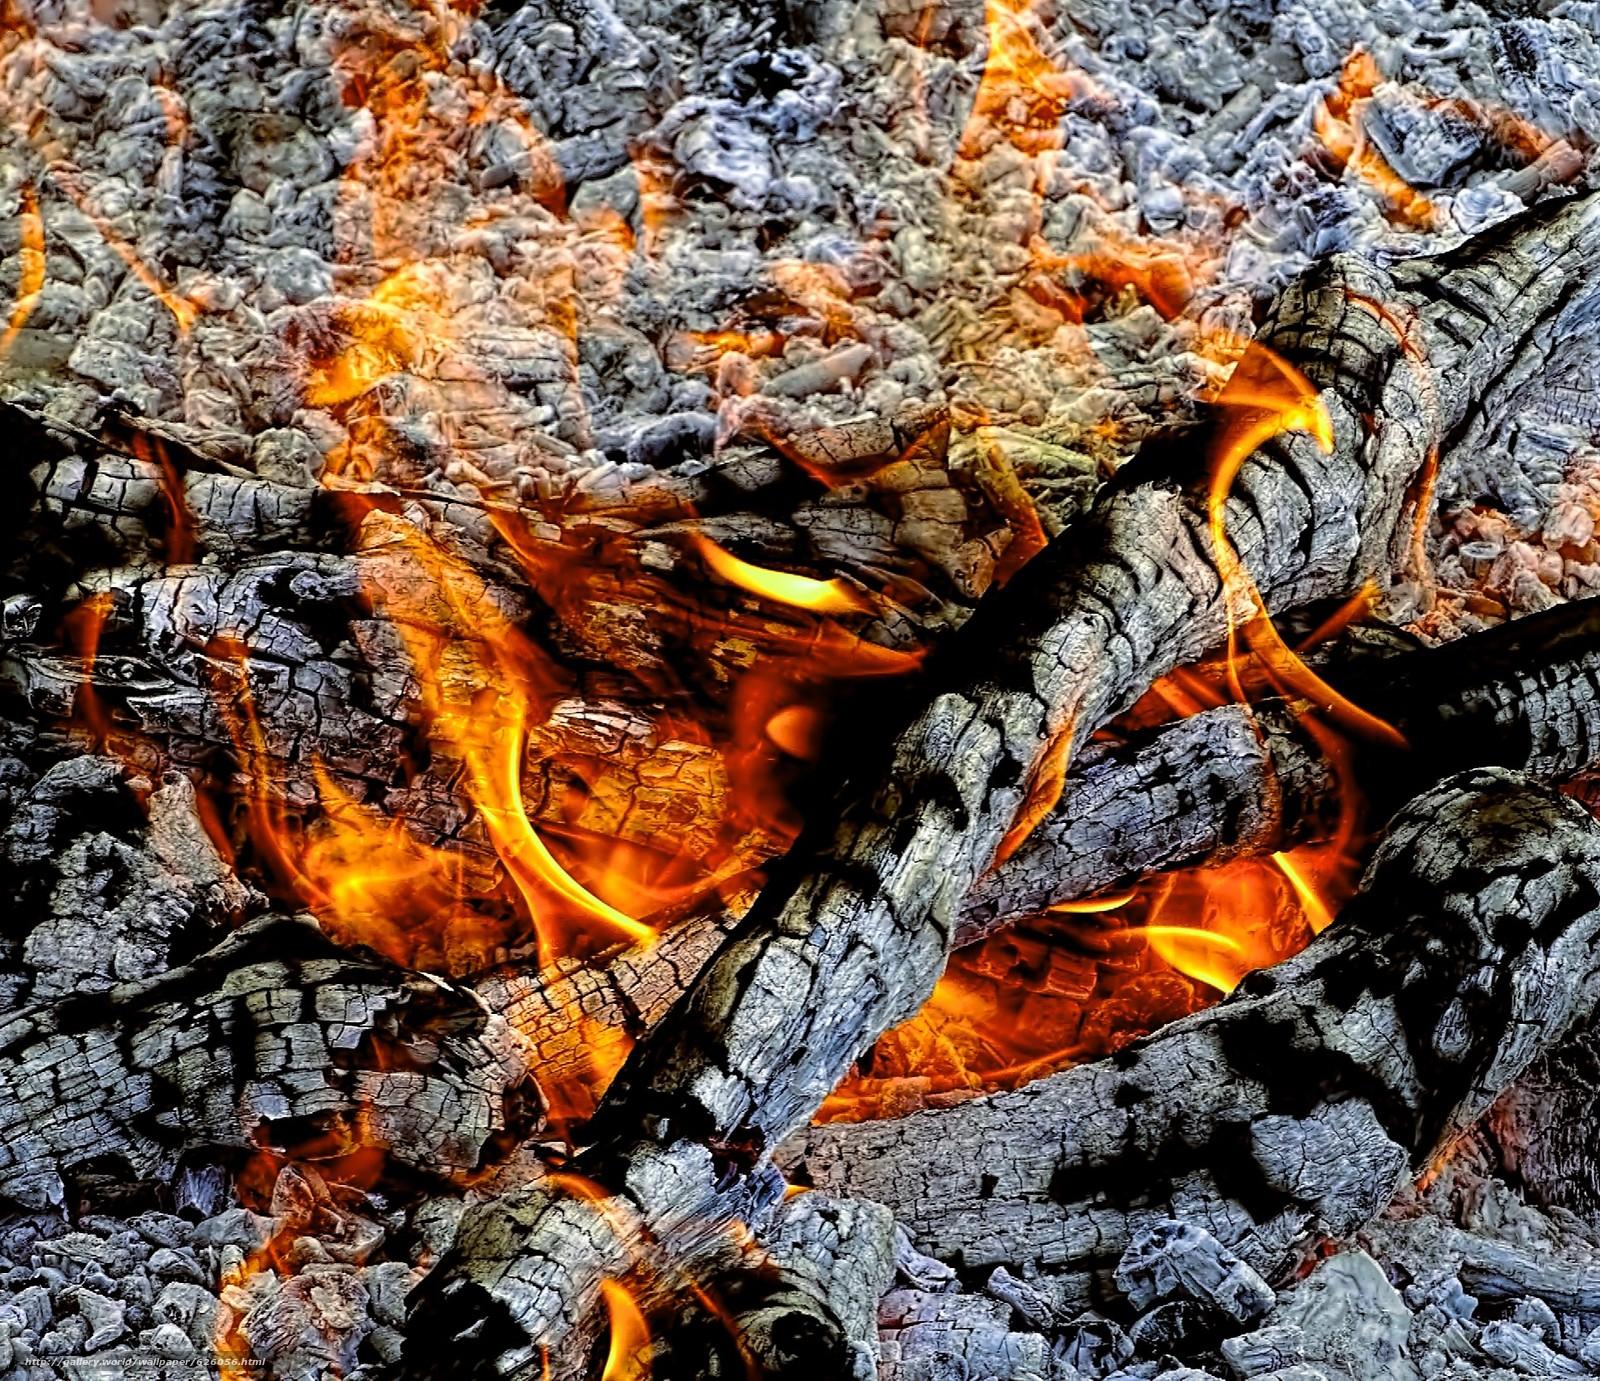 огонь, угли, костёр, пепел, зола, пламя